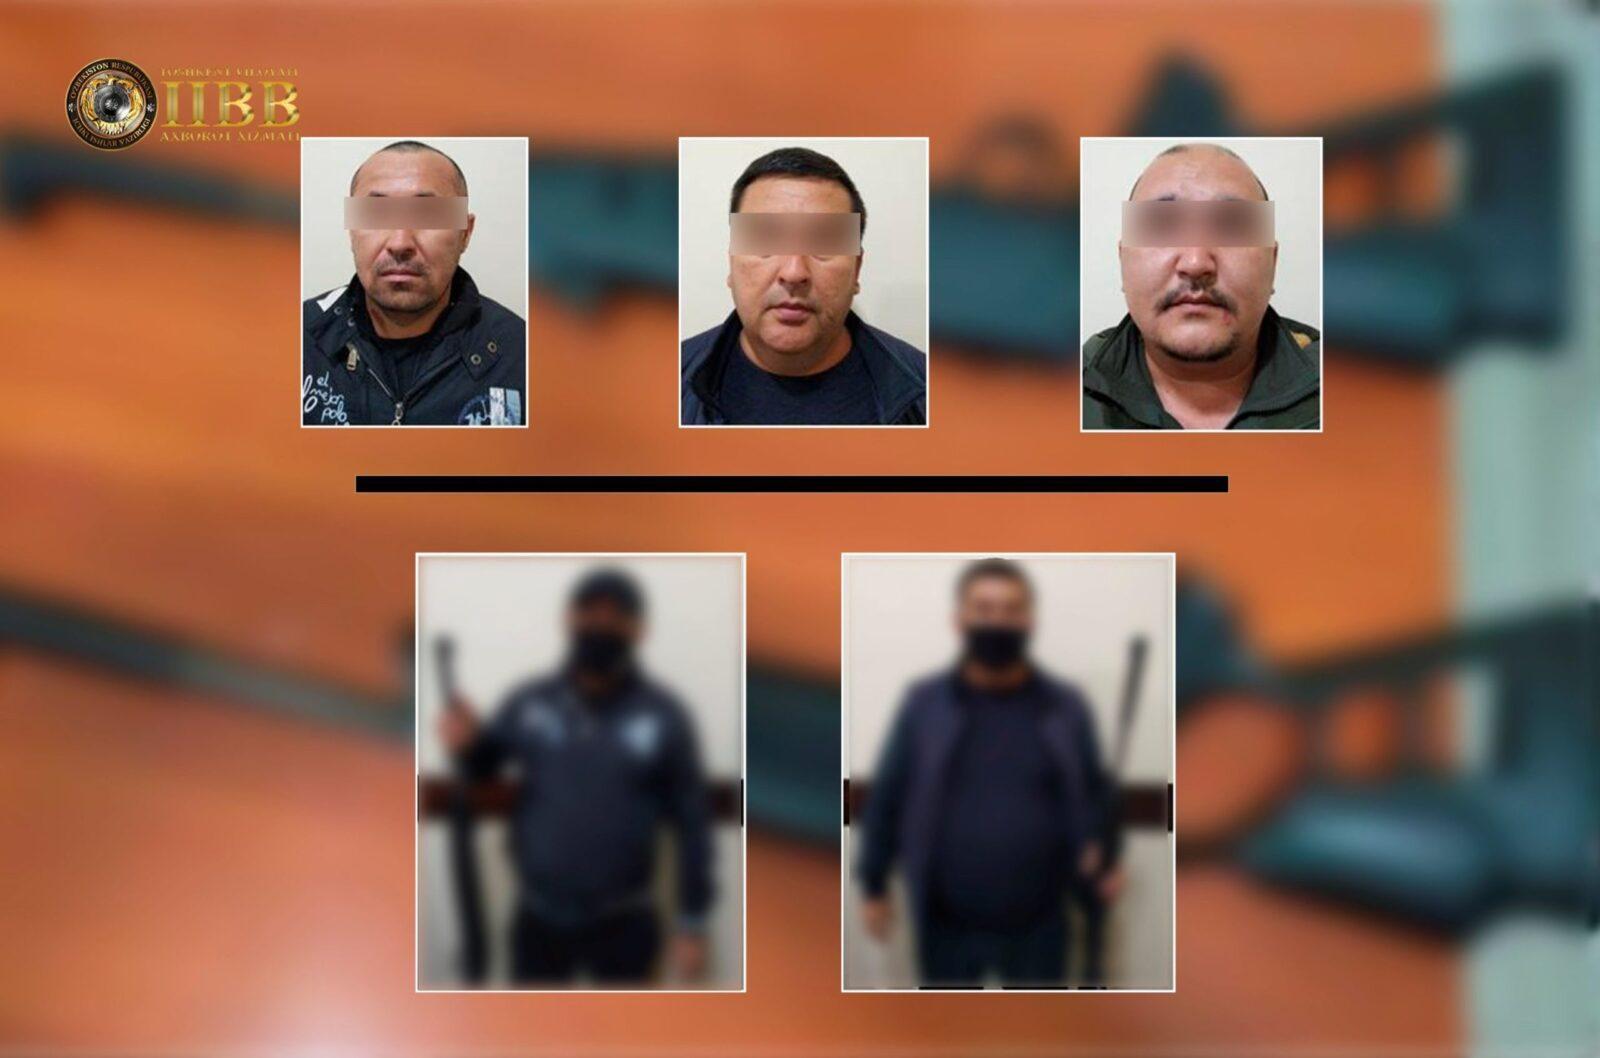 УВД Ташкентской области задержало подозреваемых в отстреле бездомных собак